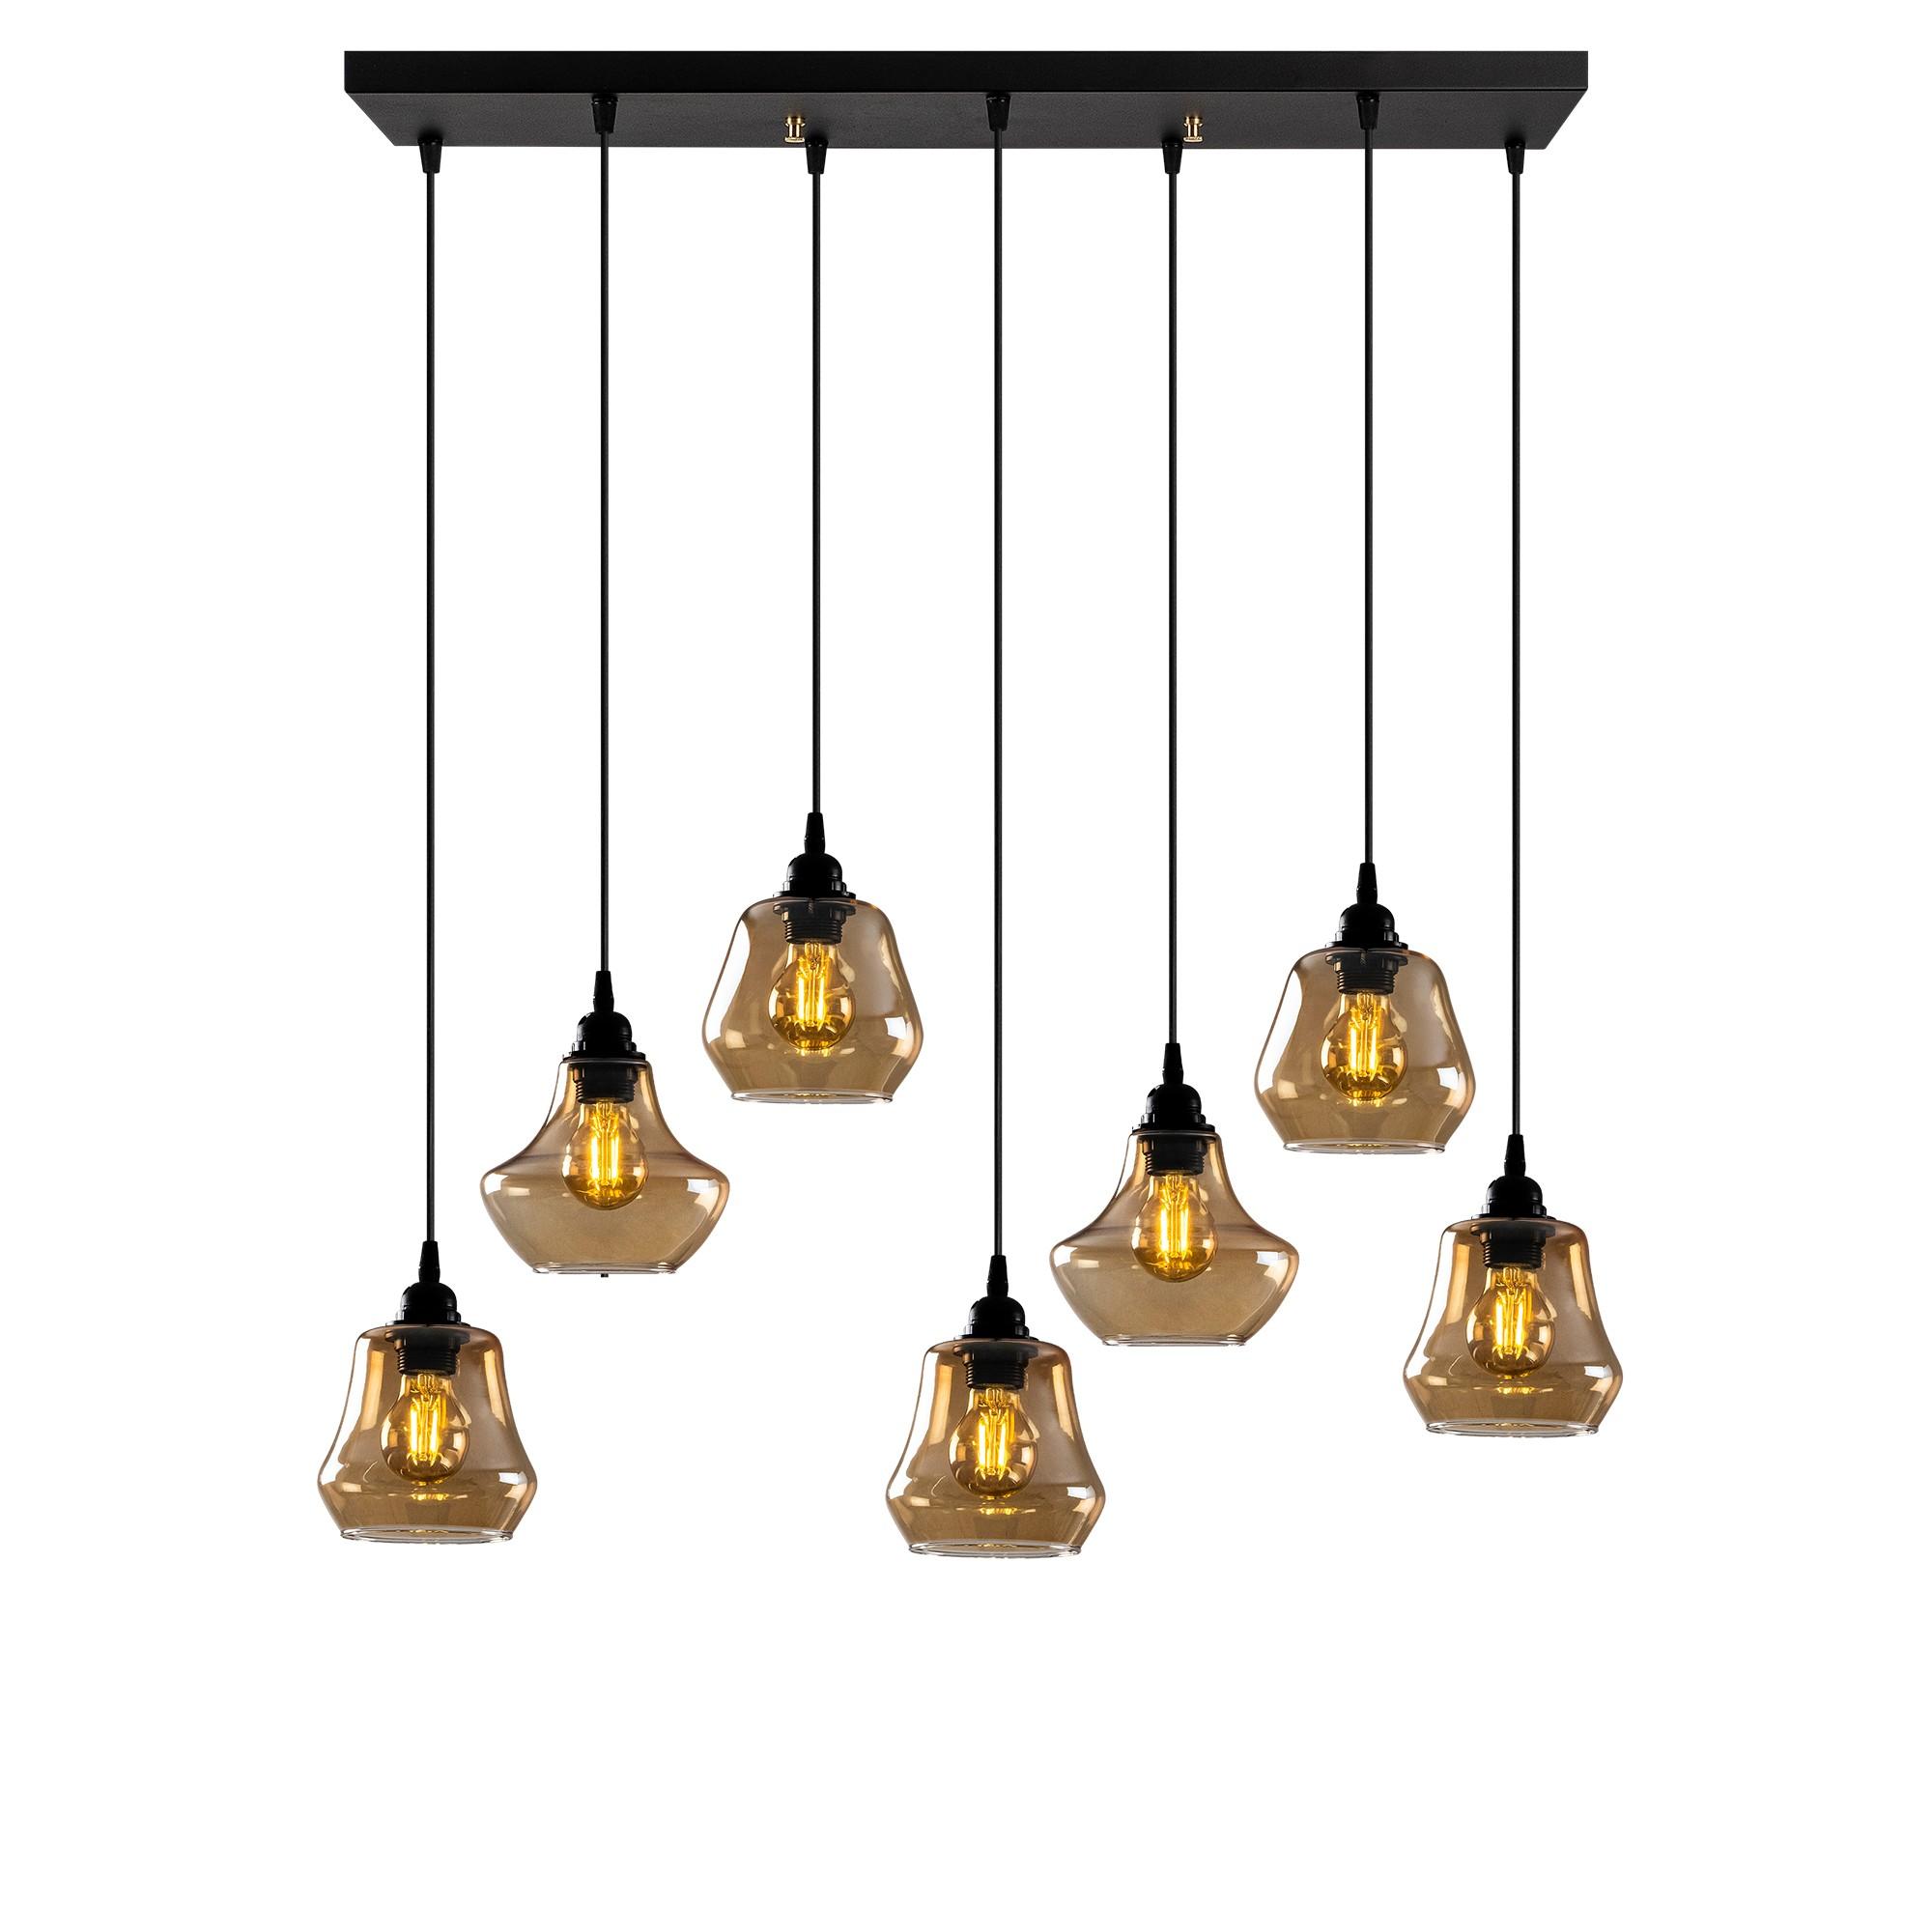 Hanglamp langwerpig modern, gouden glas E27 fitting 7 x - vooraanzicht lampen aan